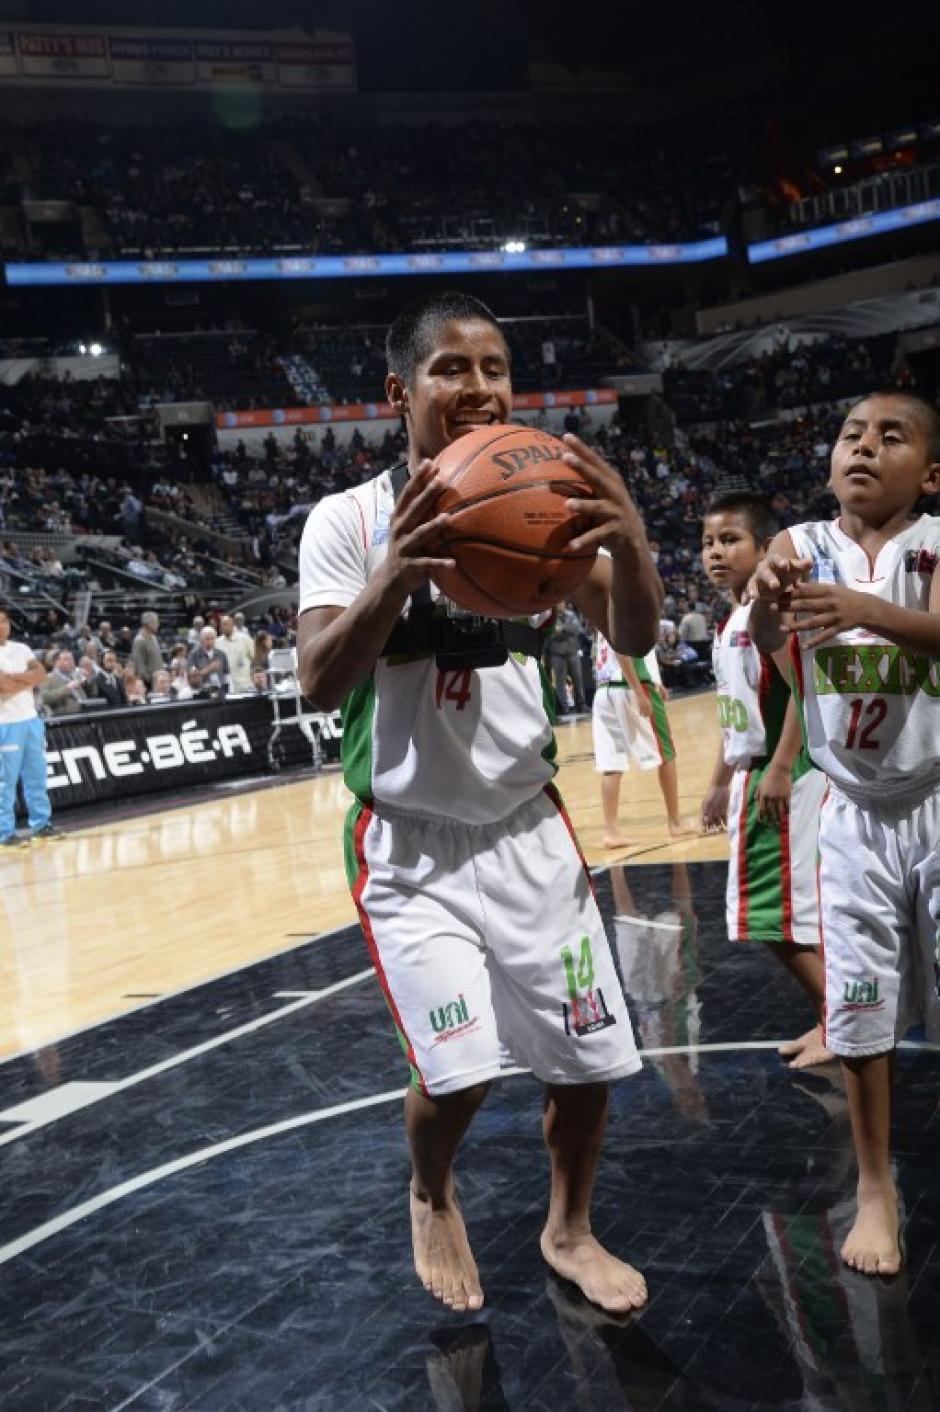 """Esta fue la segunda ocasión que los """"Triquis"""" fueron invitados por los Spurs, en la primera cita pudieron jugar junto a las estrellas como Duncan y Ginobili, quienes también se quitaron los zapatos. (Foto: AFP)"""